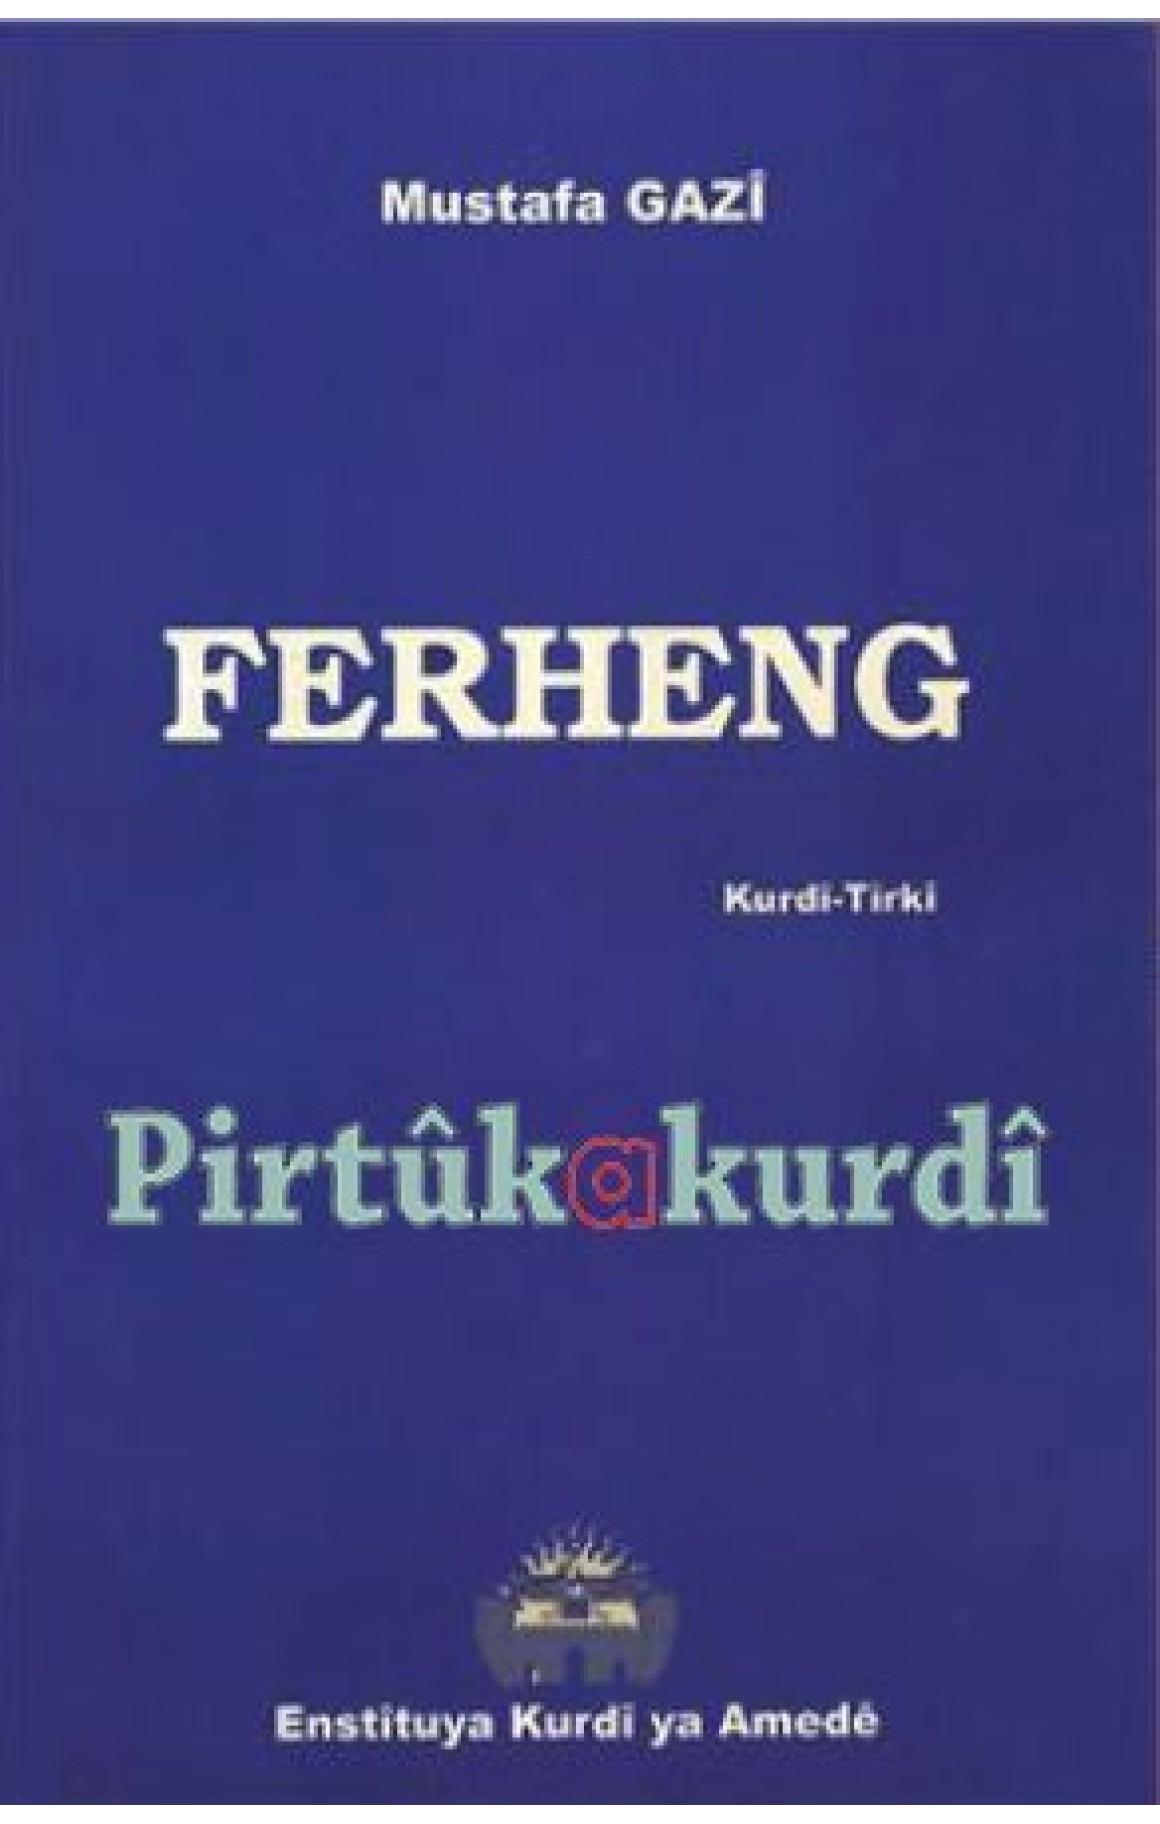 Ferheng Kurdî-Tirkî Mustafa Gazî